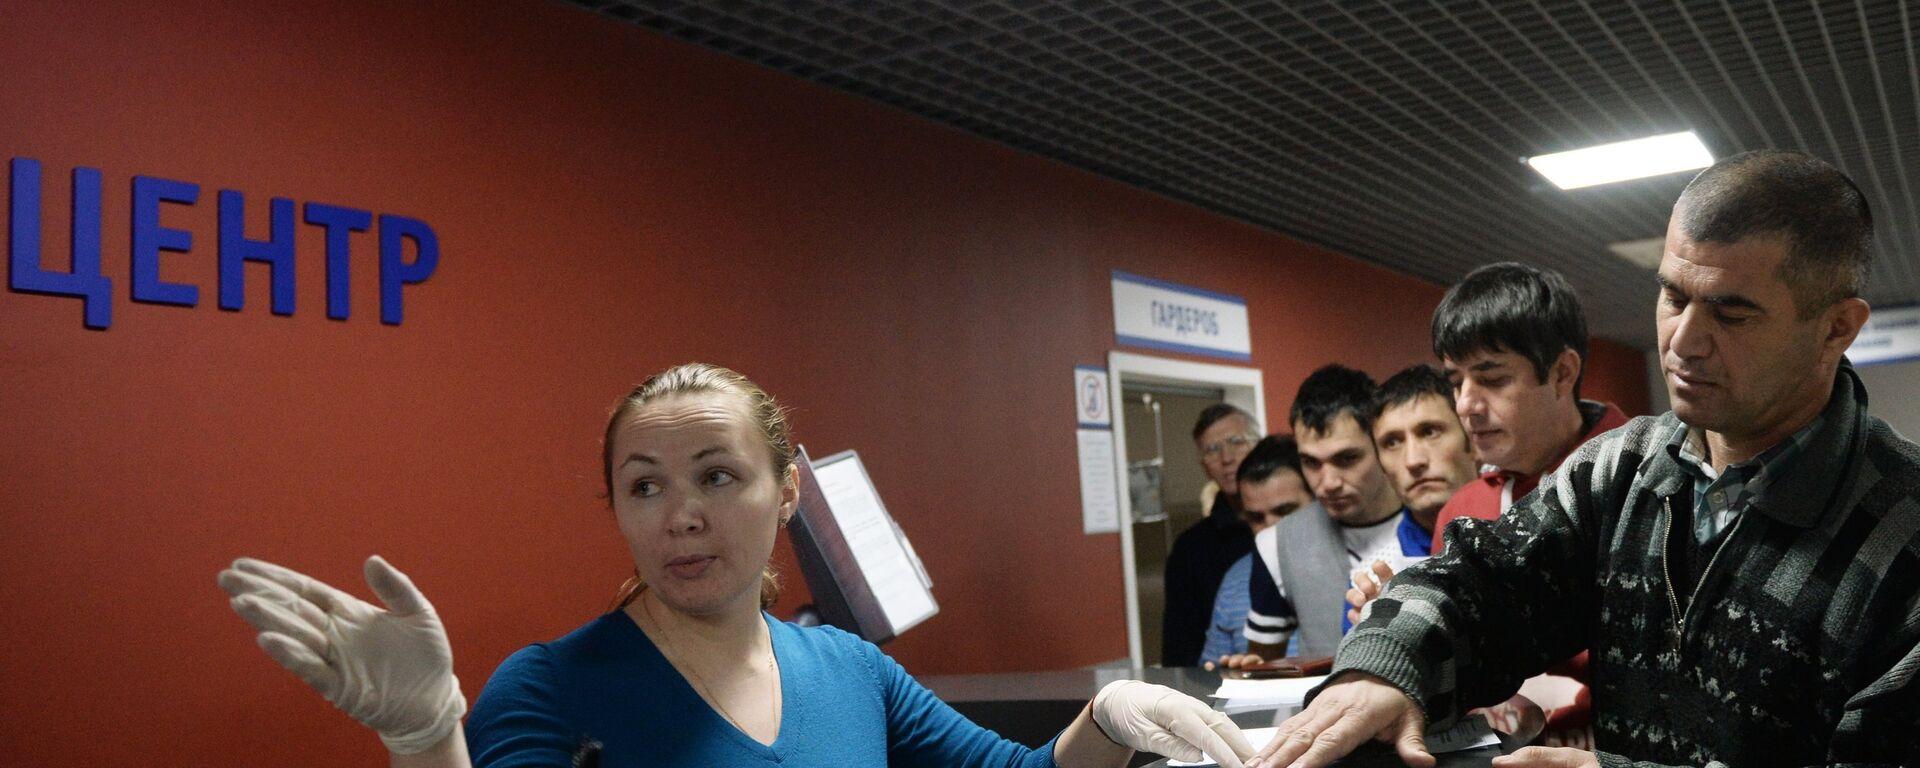 Выдача первых патентов в Едином миграционном центре. Архивное фото - Sputnik Таджикистан, 1920, 13.06.2021